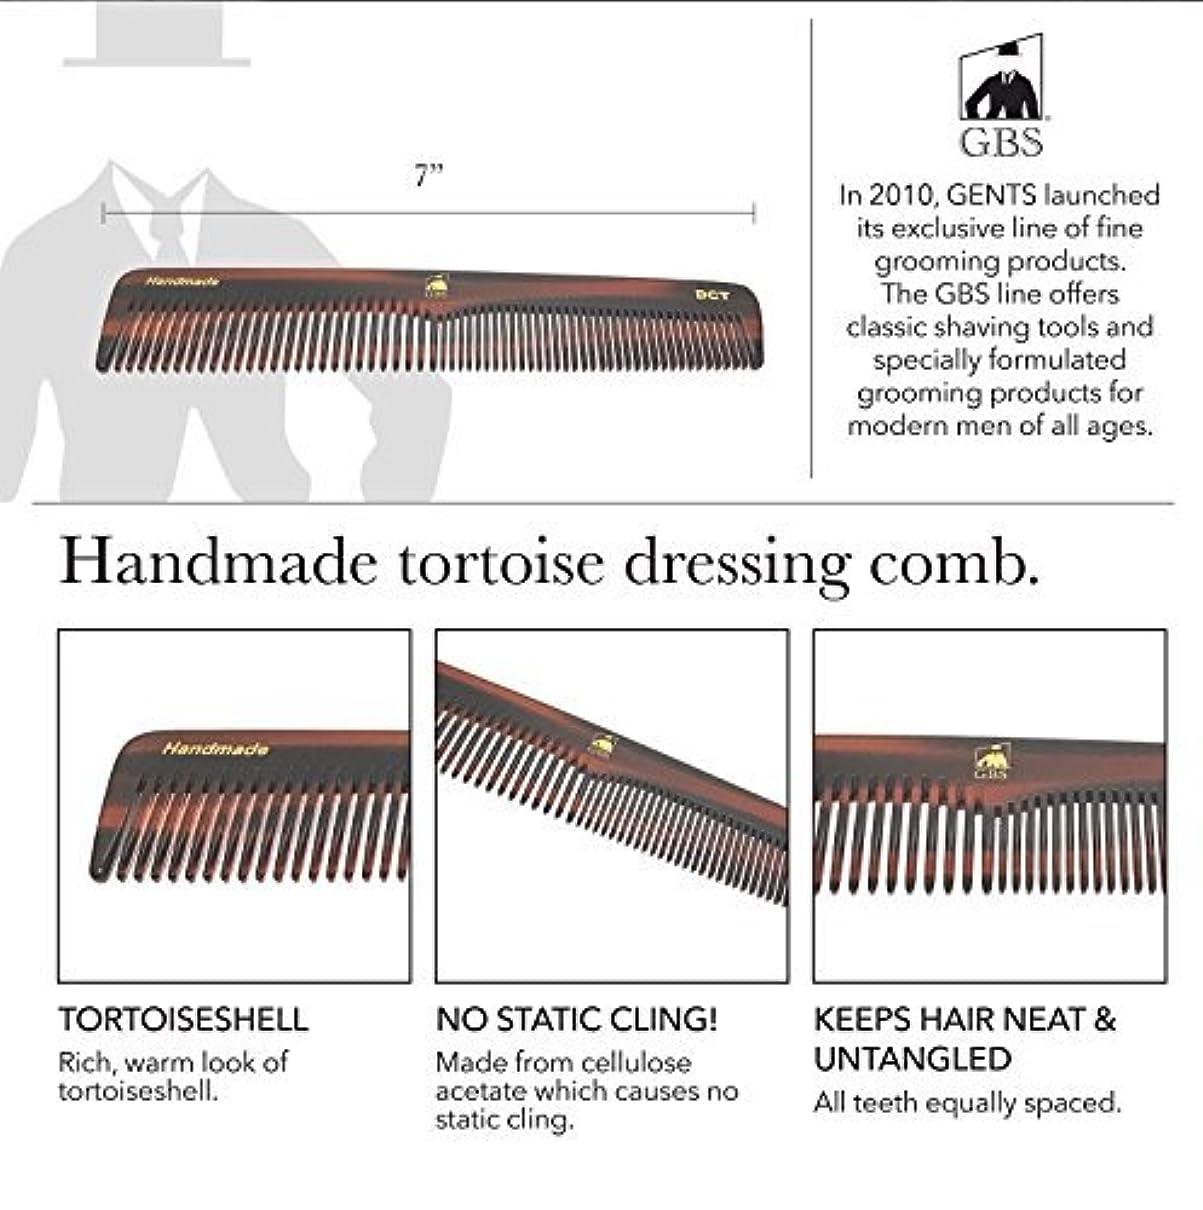 書道帰する無視GBS Premium Anti-Static Hand Made Coarse/Fine Toothed Dressing, Grooming, and Styling Comb for Men/Women, 7